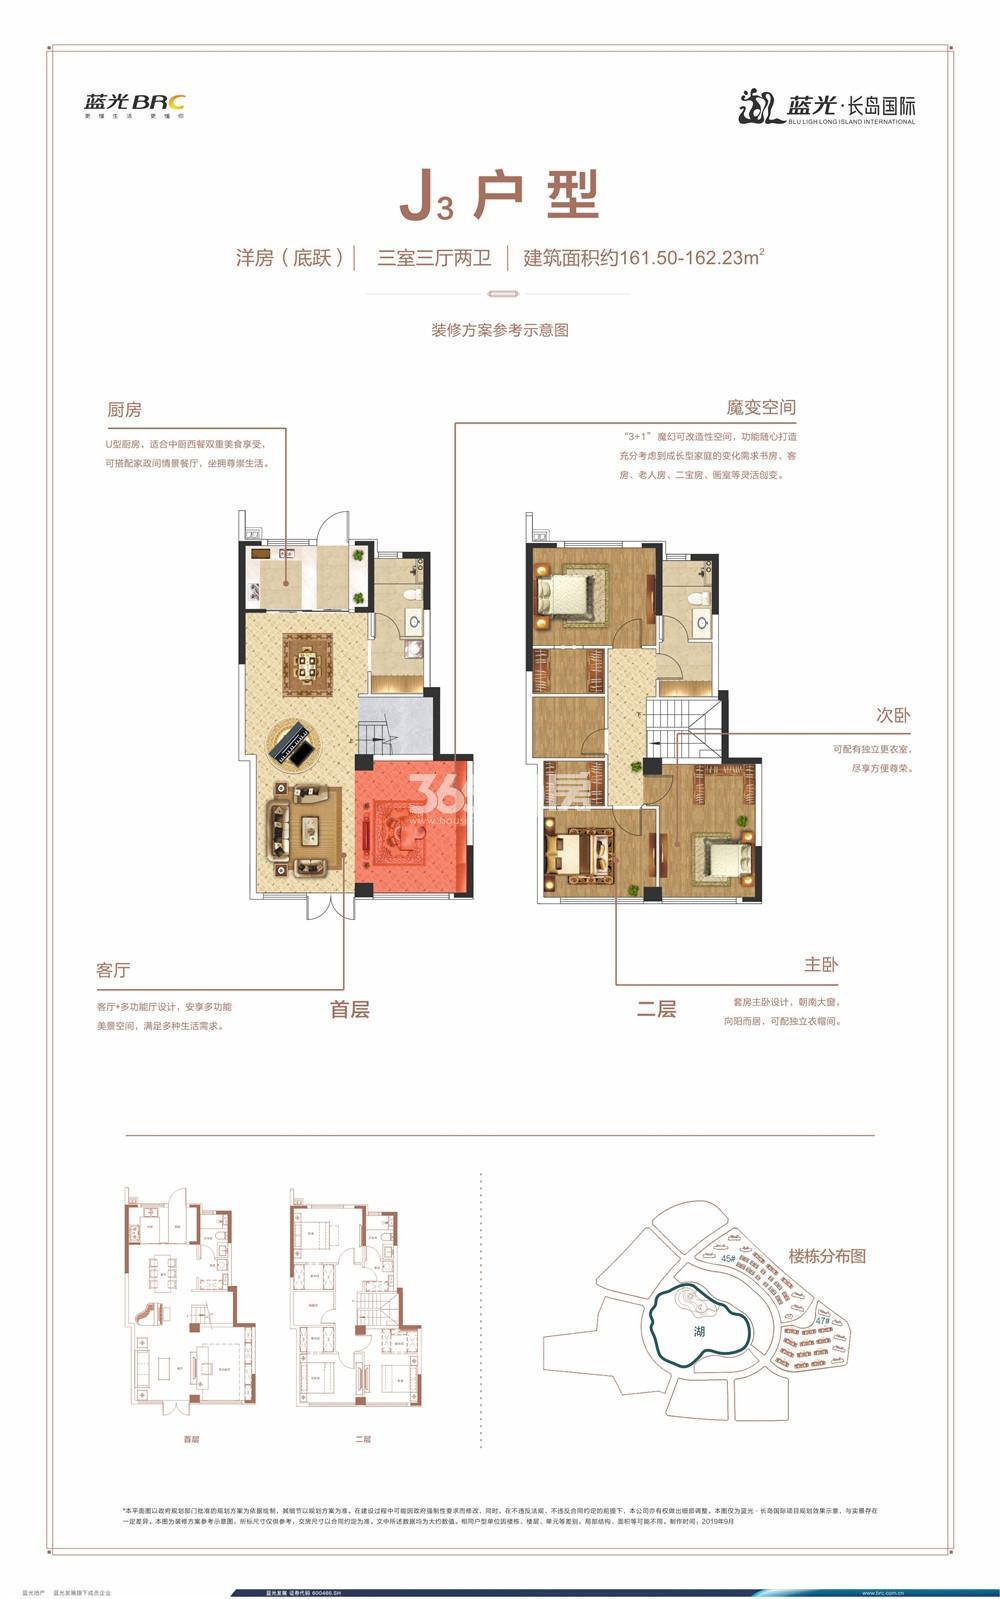 洋房J3户型图三室两厅两卫